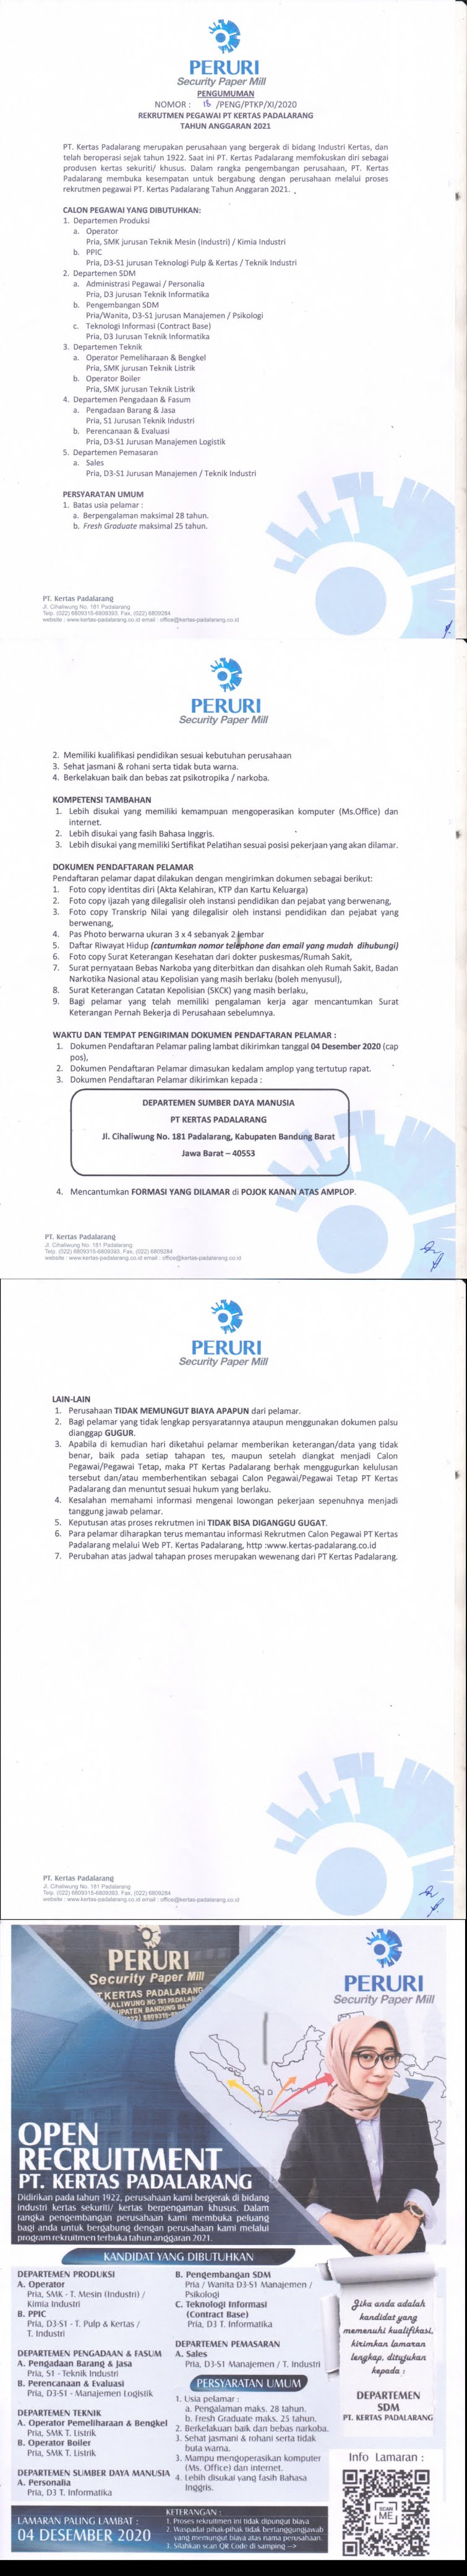 Lowongan Kerja PT Kertas Padalarang (Peruri Group) Tingkat SMK D3 S1 Bulan Desember 2020